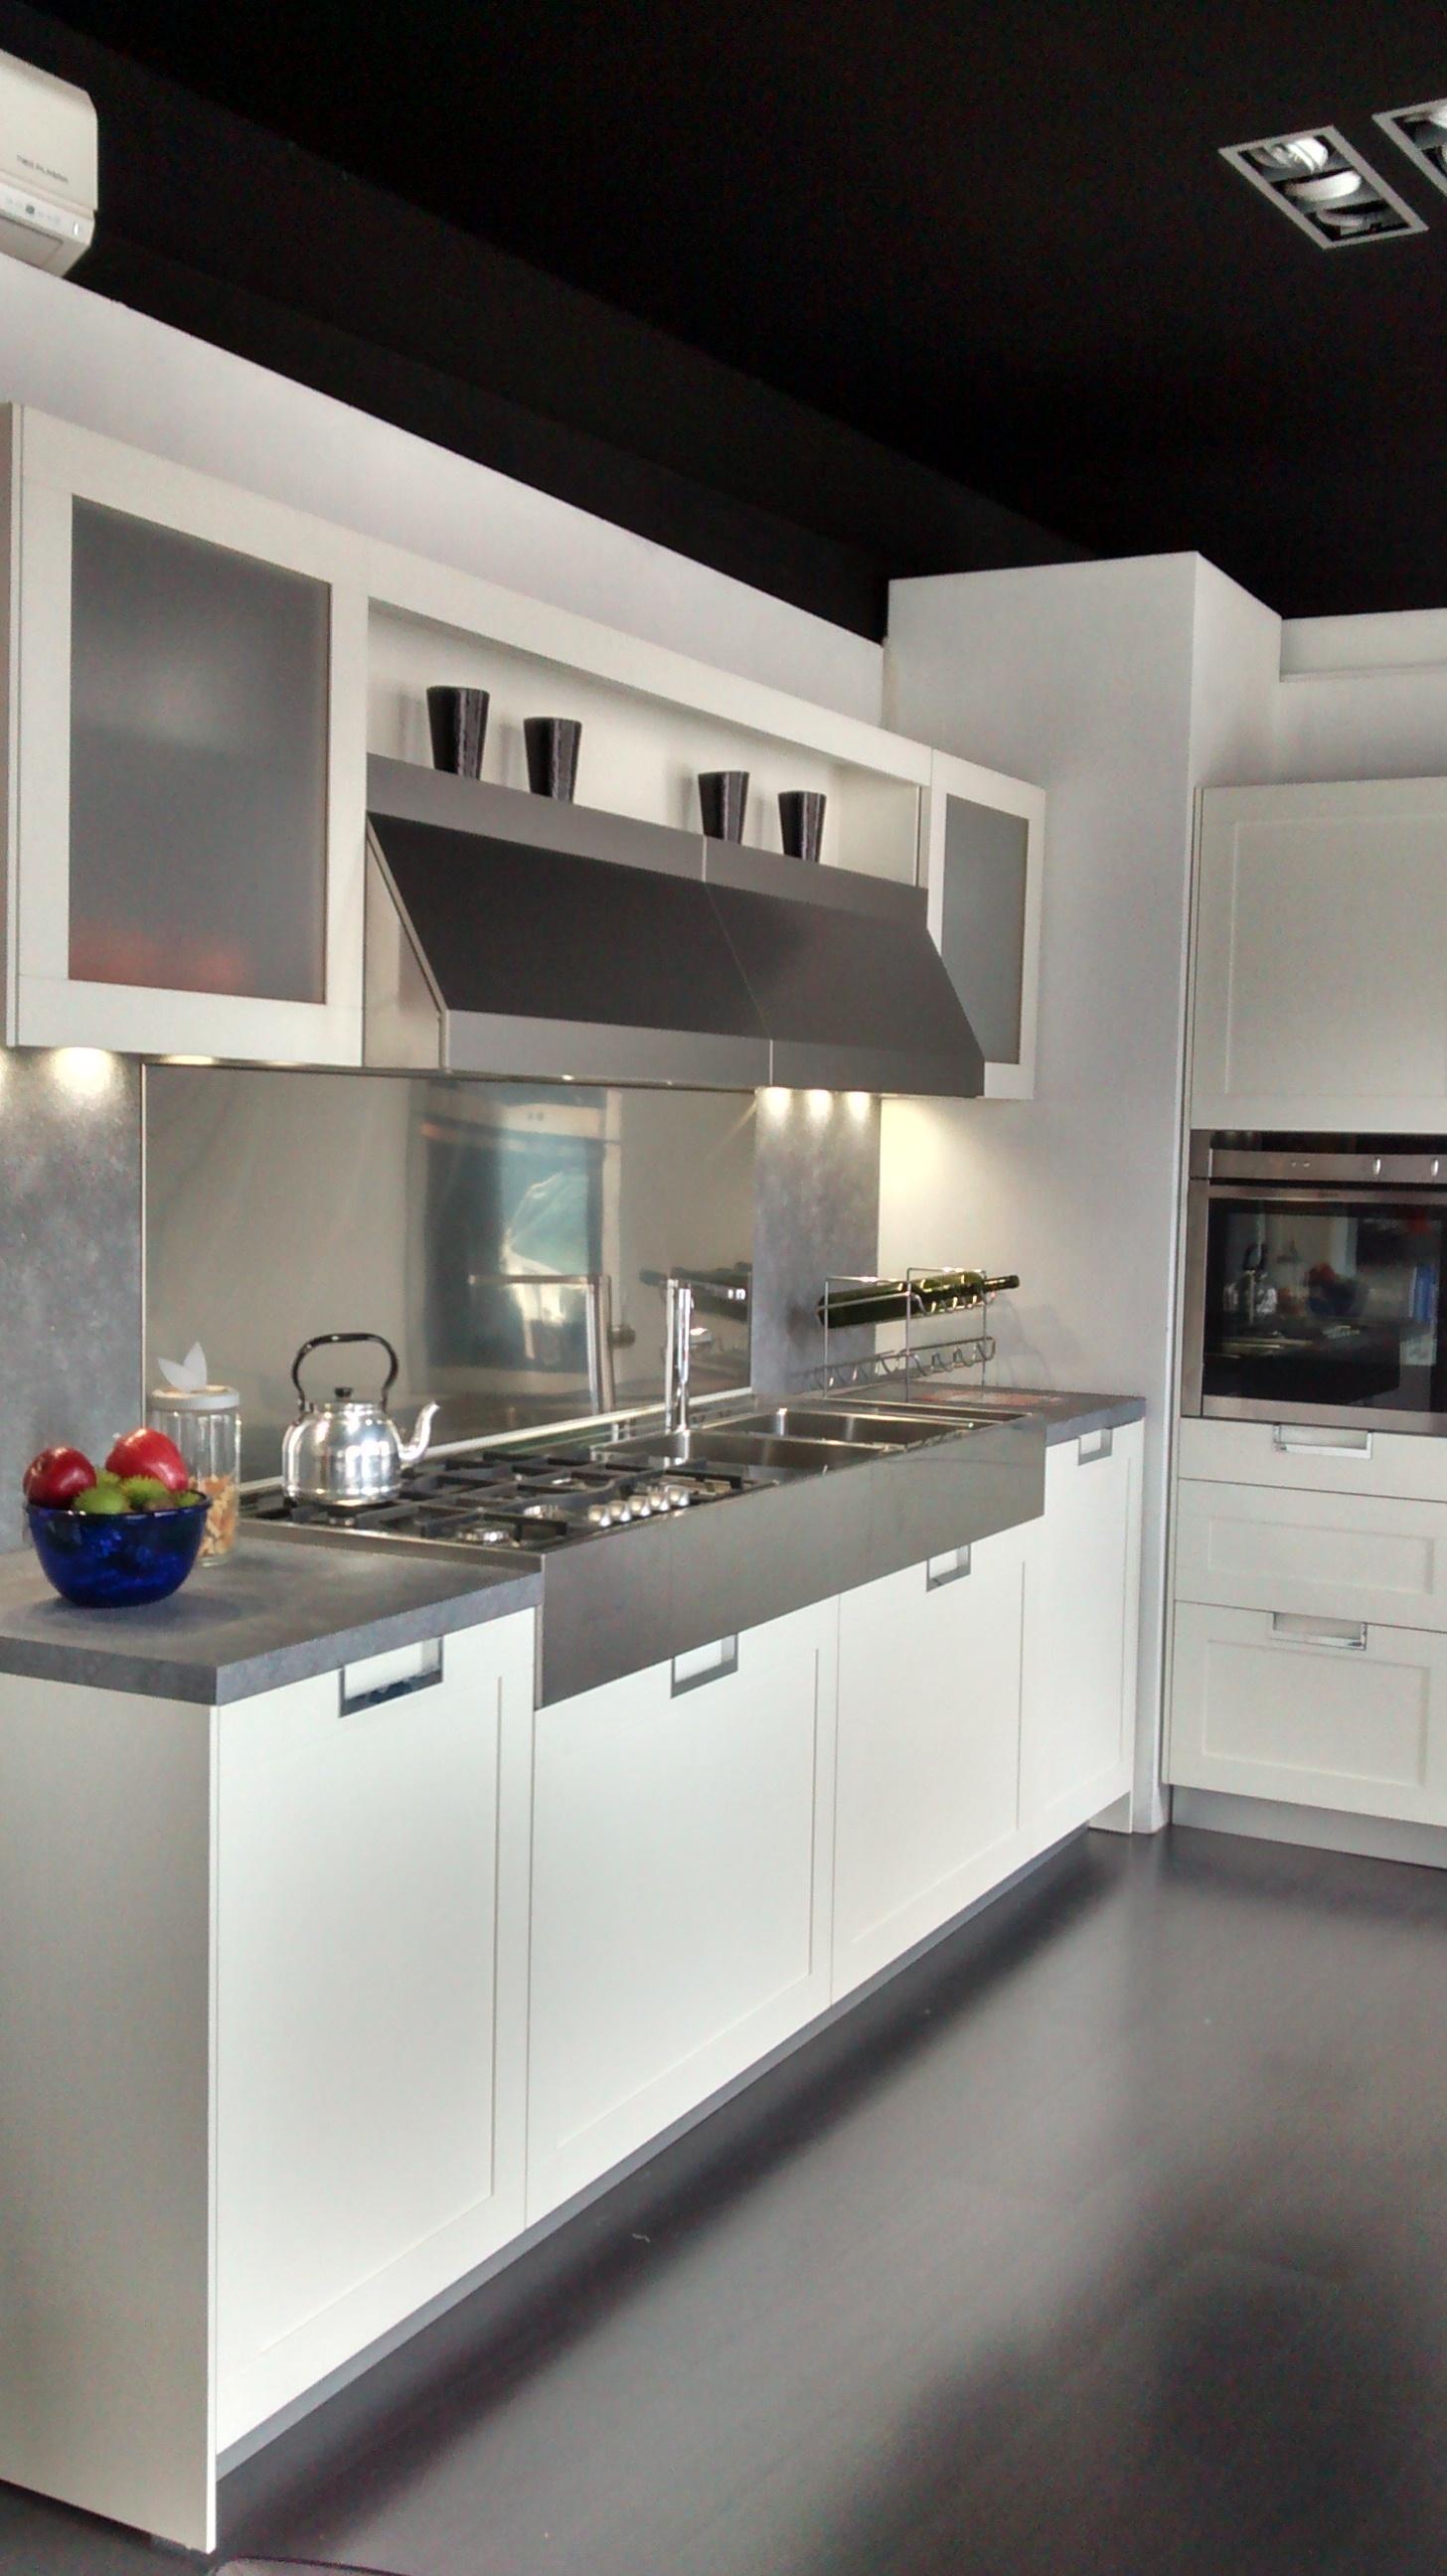 Cucina snaidero lux scontato del 60 cucine a prezzi - Cucina laccata bianca ...